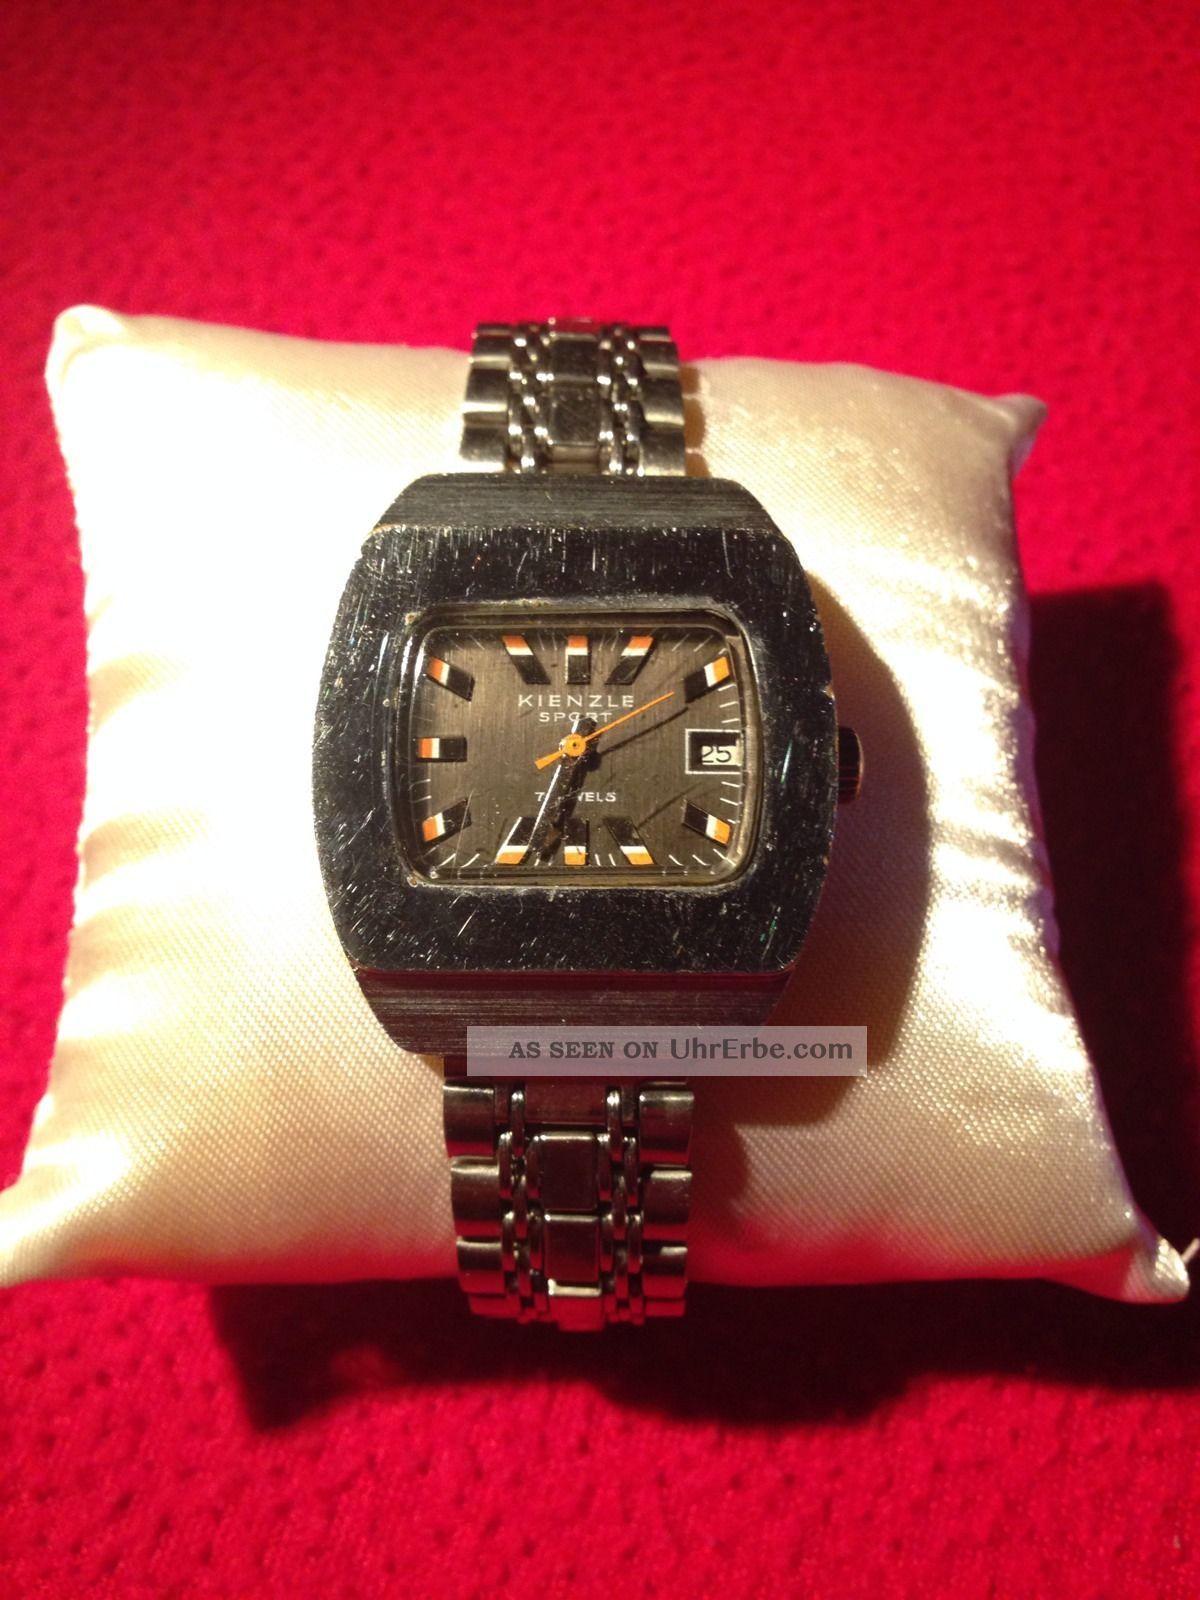 Vintage Kienzle Sport Herren Armbanduhr 70 ' Er Jahre Antike Uhr Funktionstüchtig Armbanduhren Bild